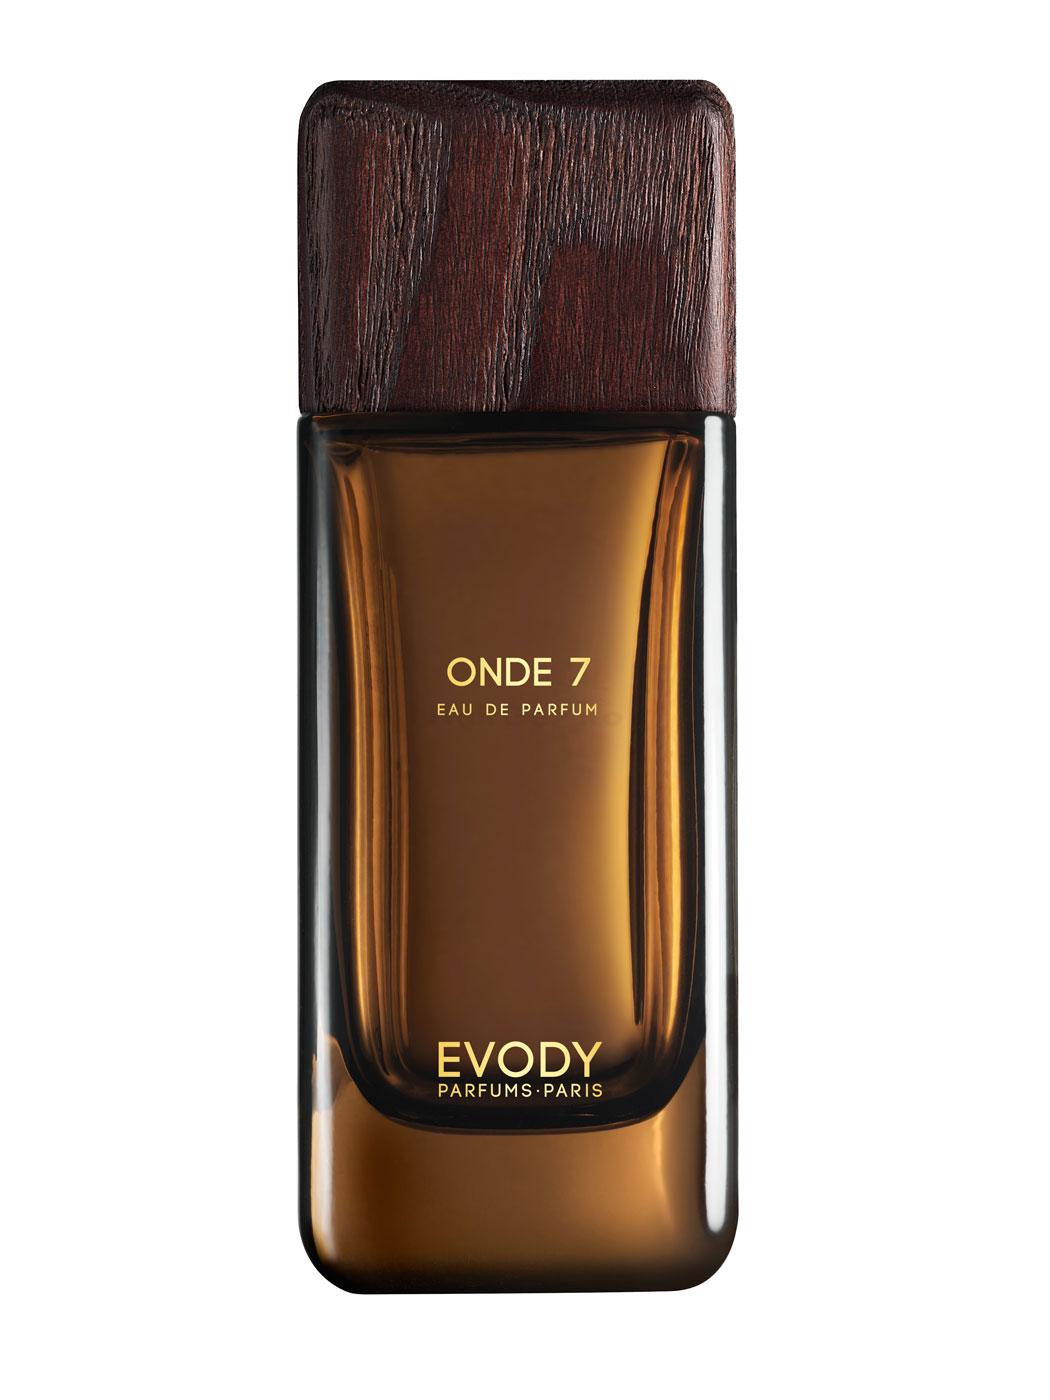 Evody - Collection D'Ailleurs - Onde 7 Eau de Parfum 100ml